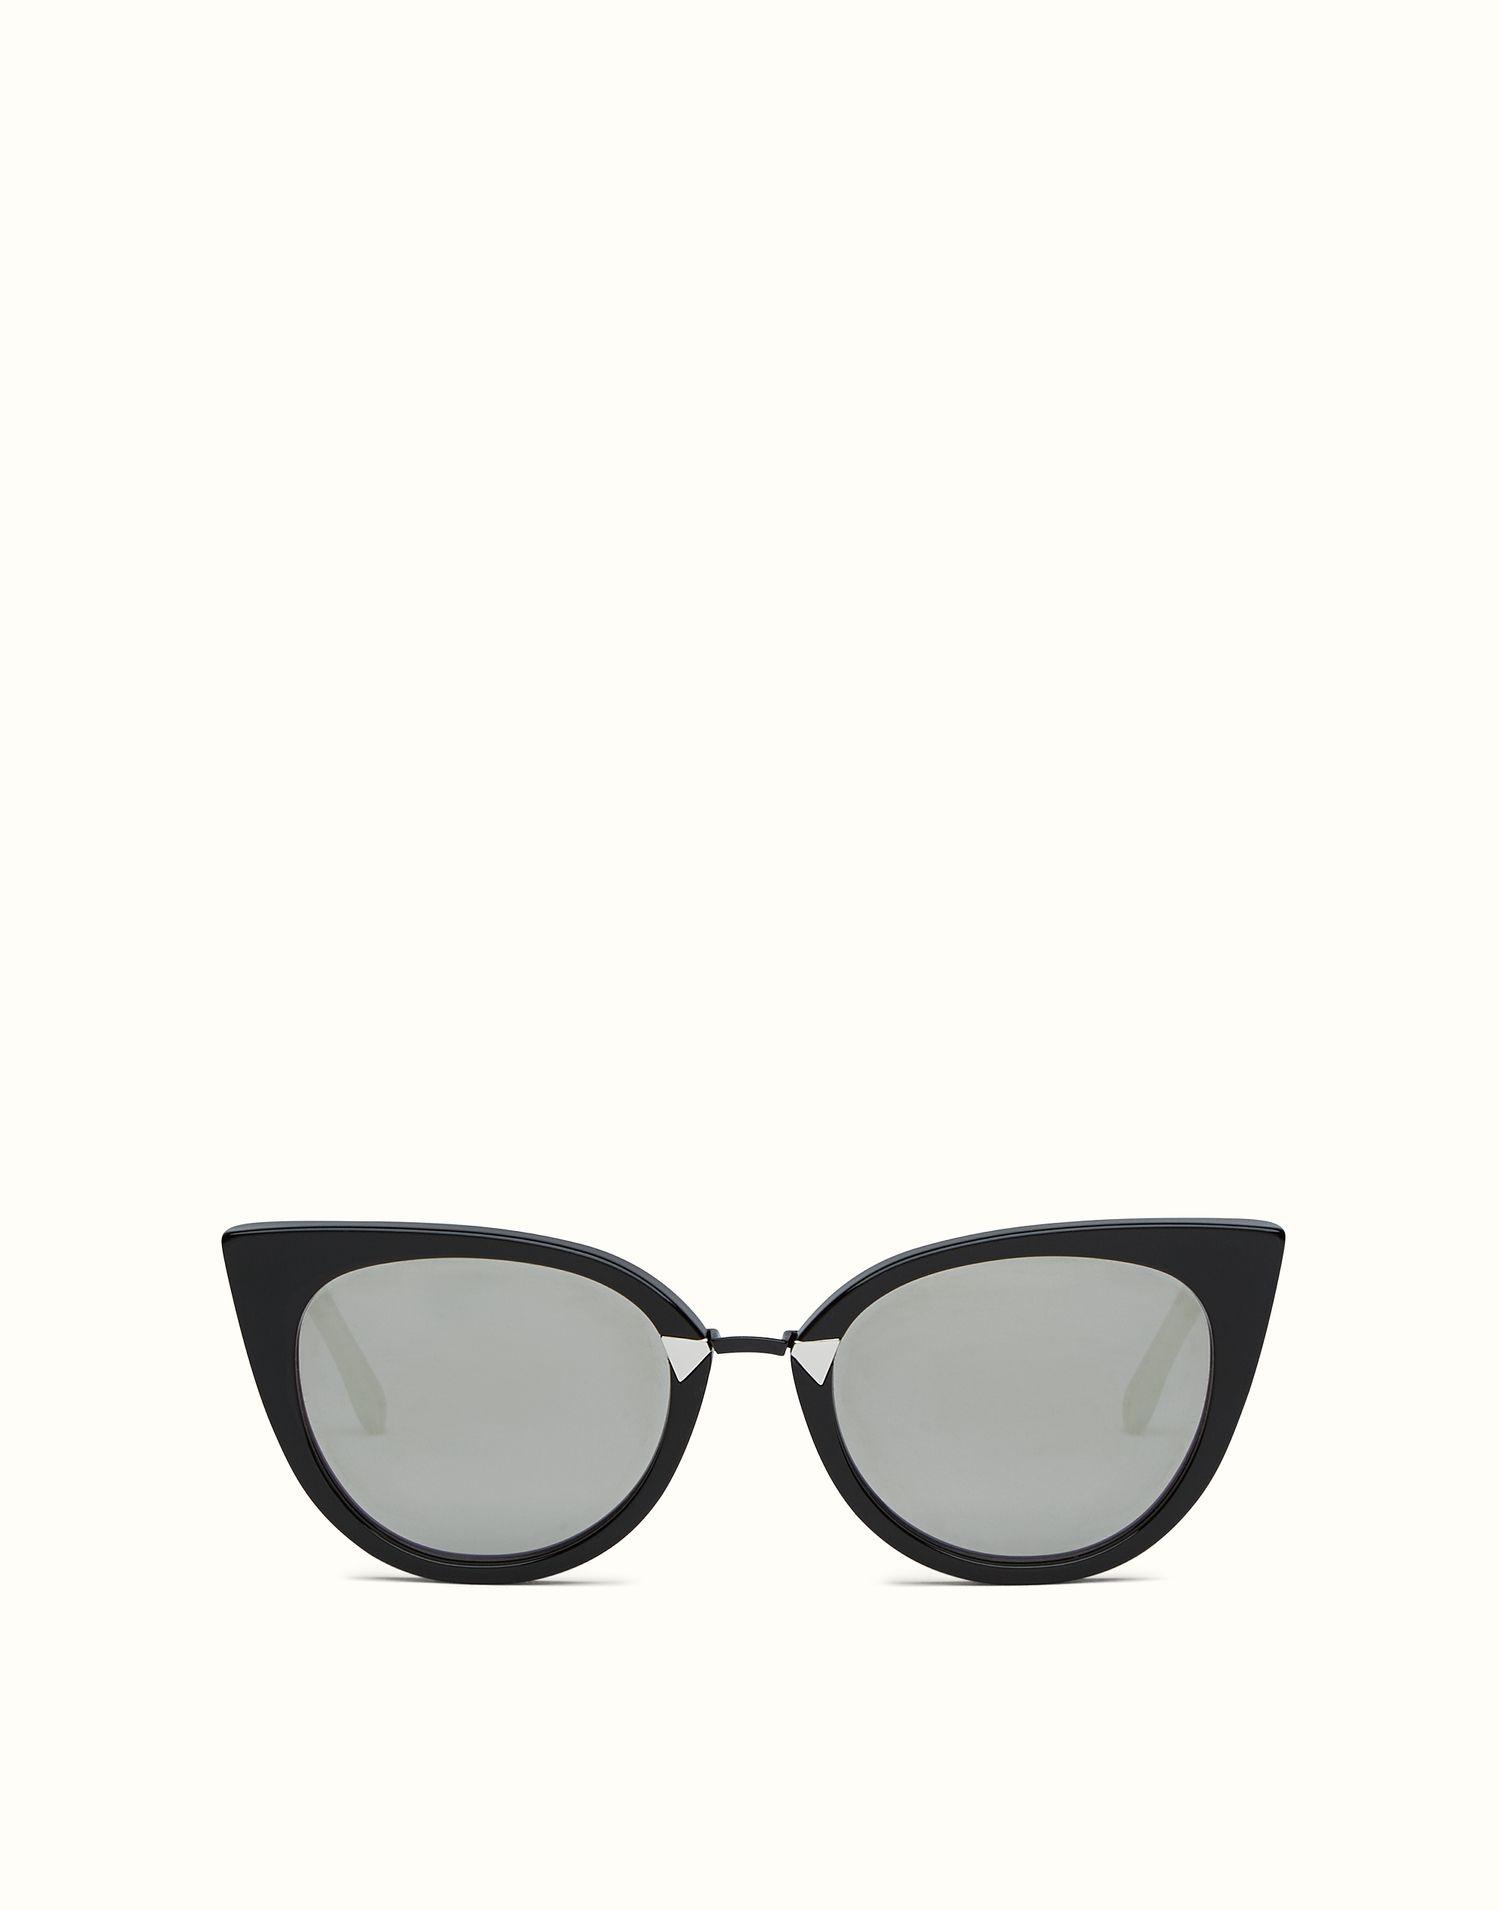 FENDI   ORCHIDEA Lunettes de soleil cat-eye   ♥ óculos   Pinterest